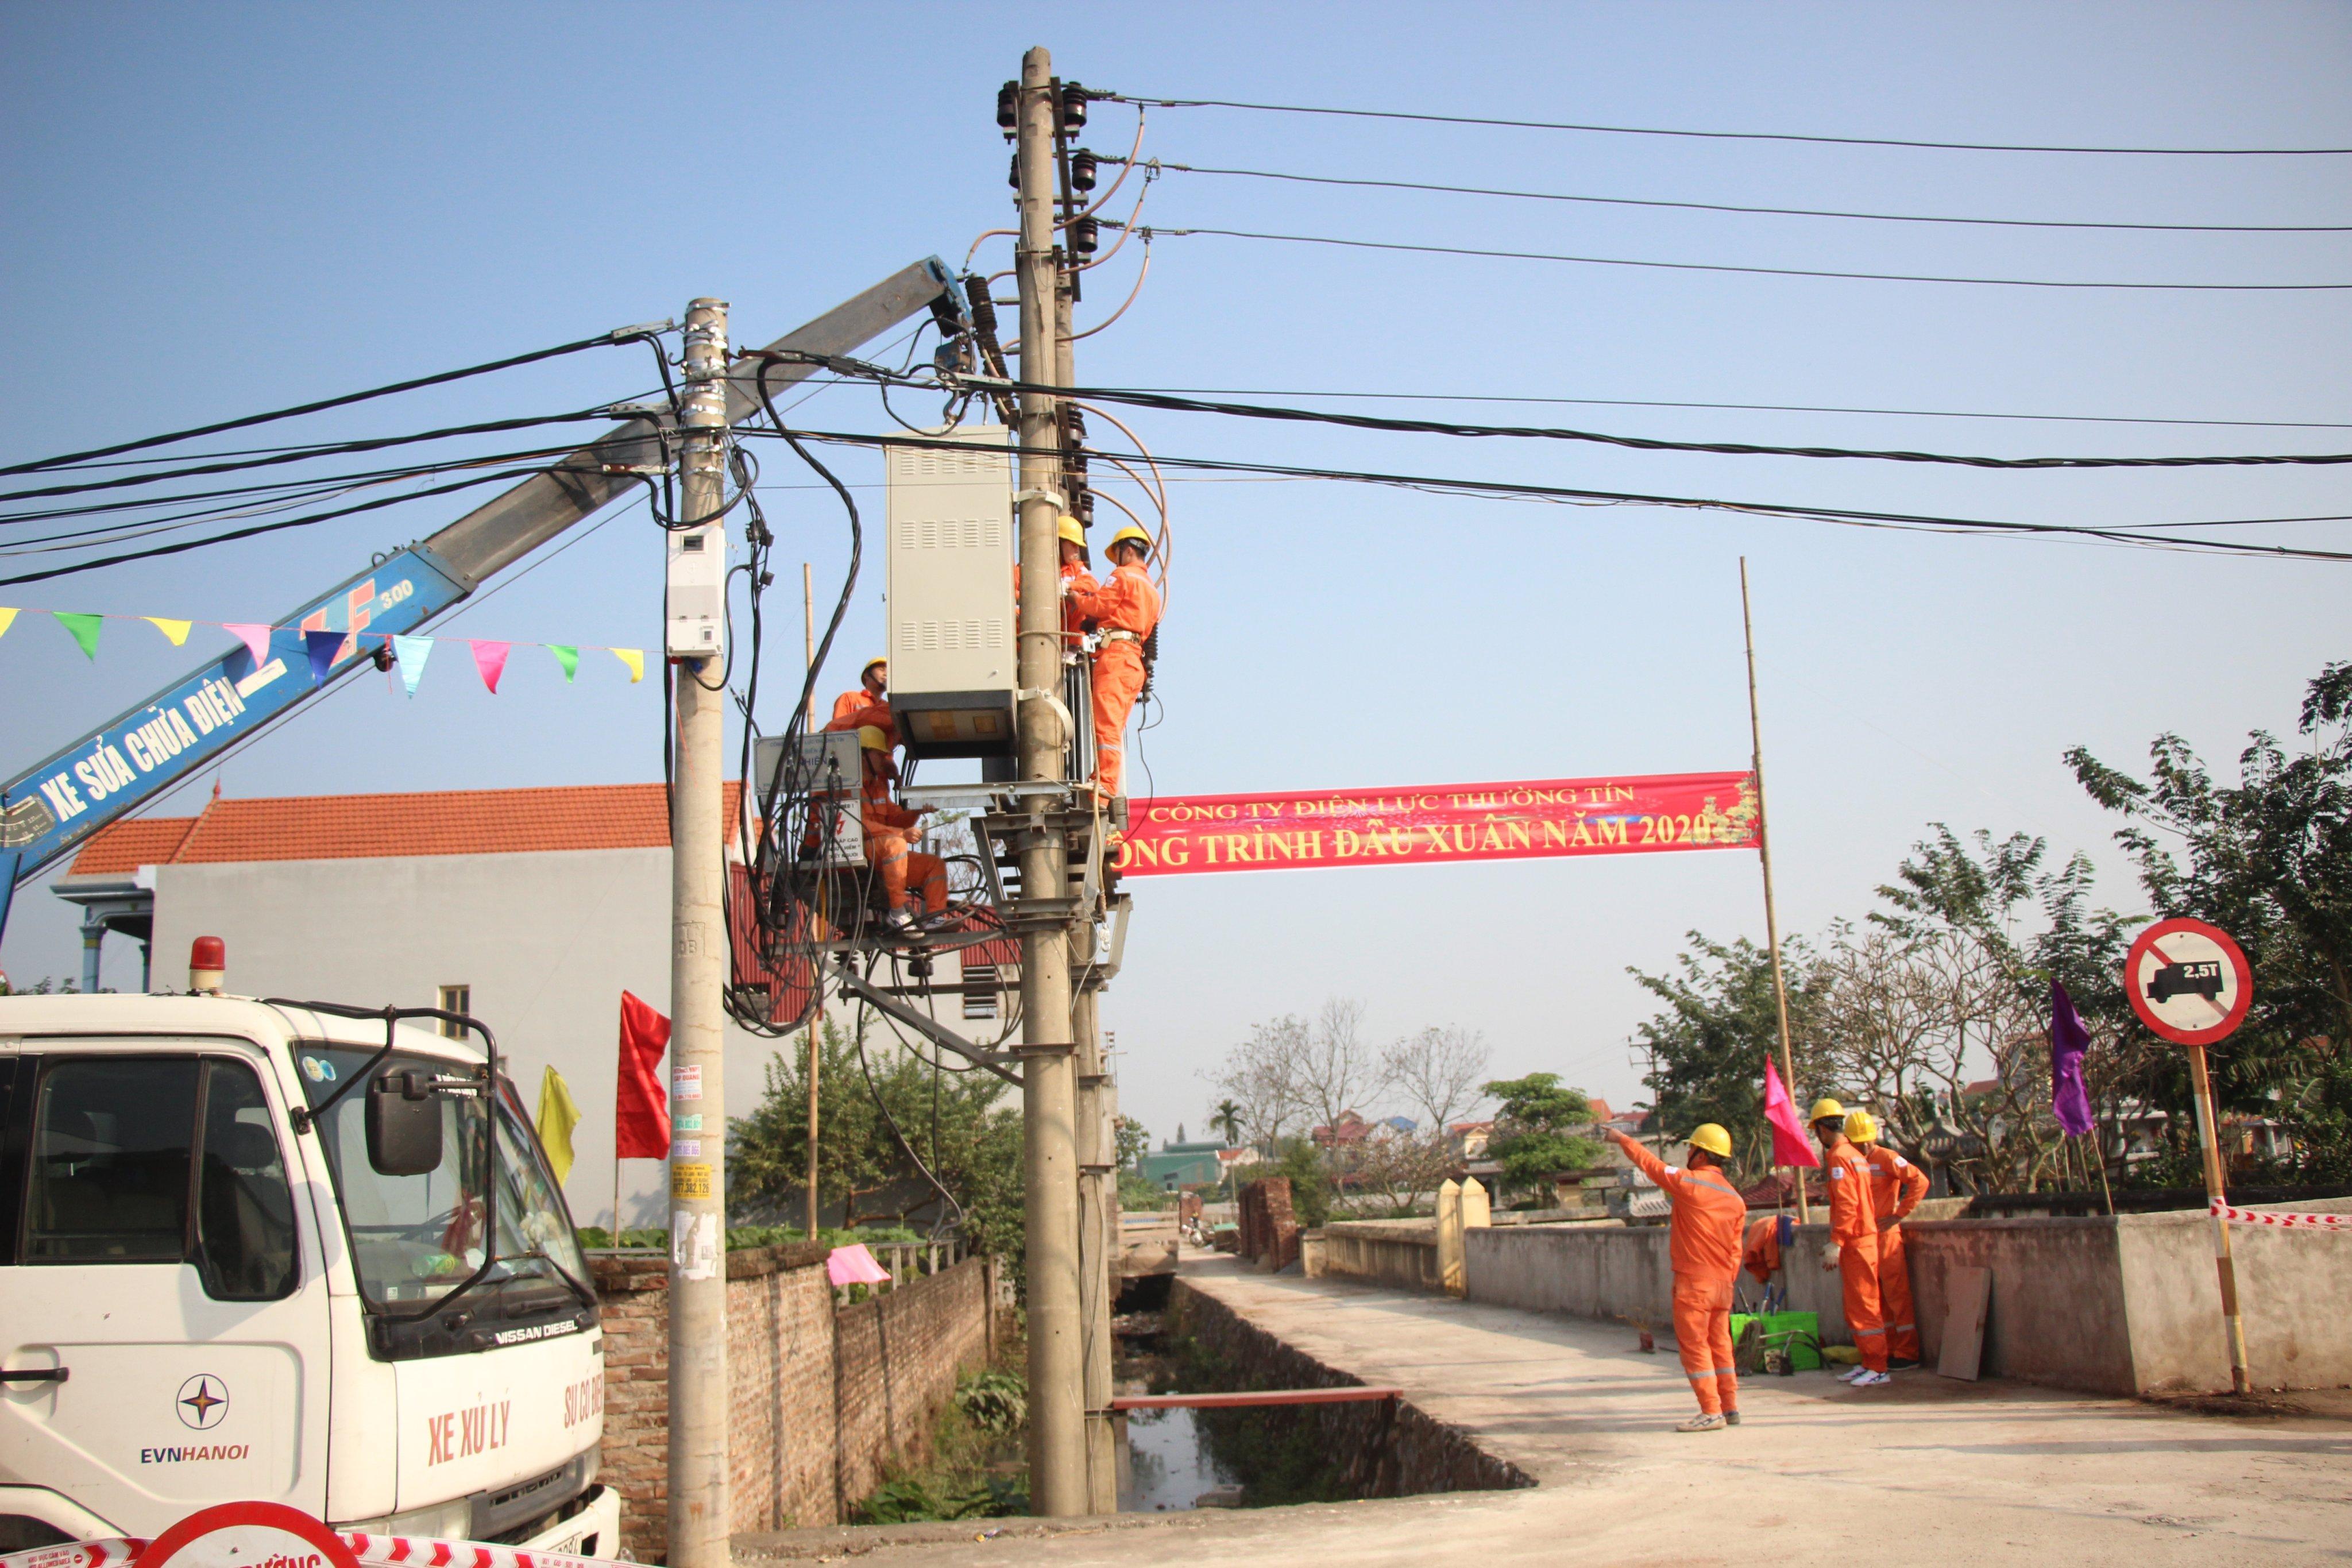 EVNHANOI triển khai cải tạo, nâng cấp lưới điện dịp đầu Xuân